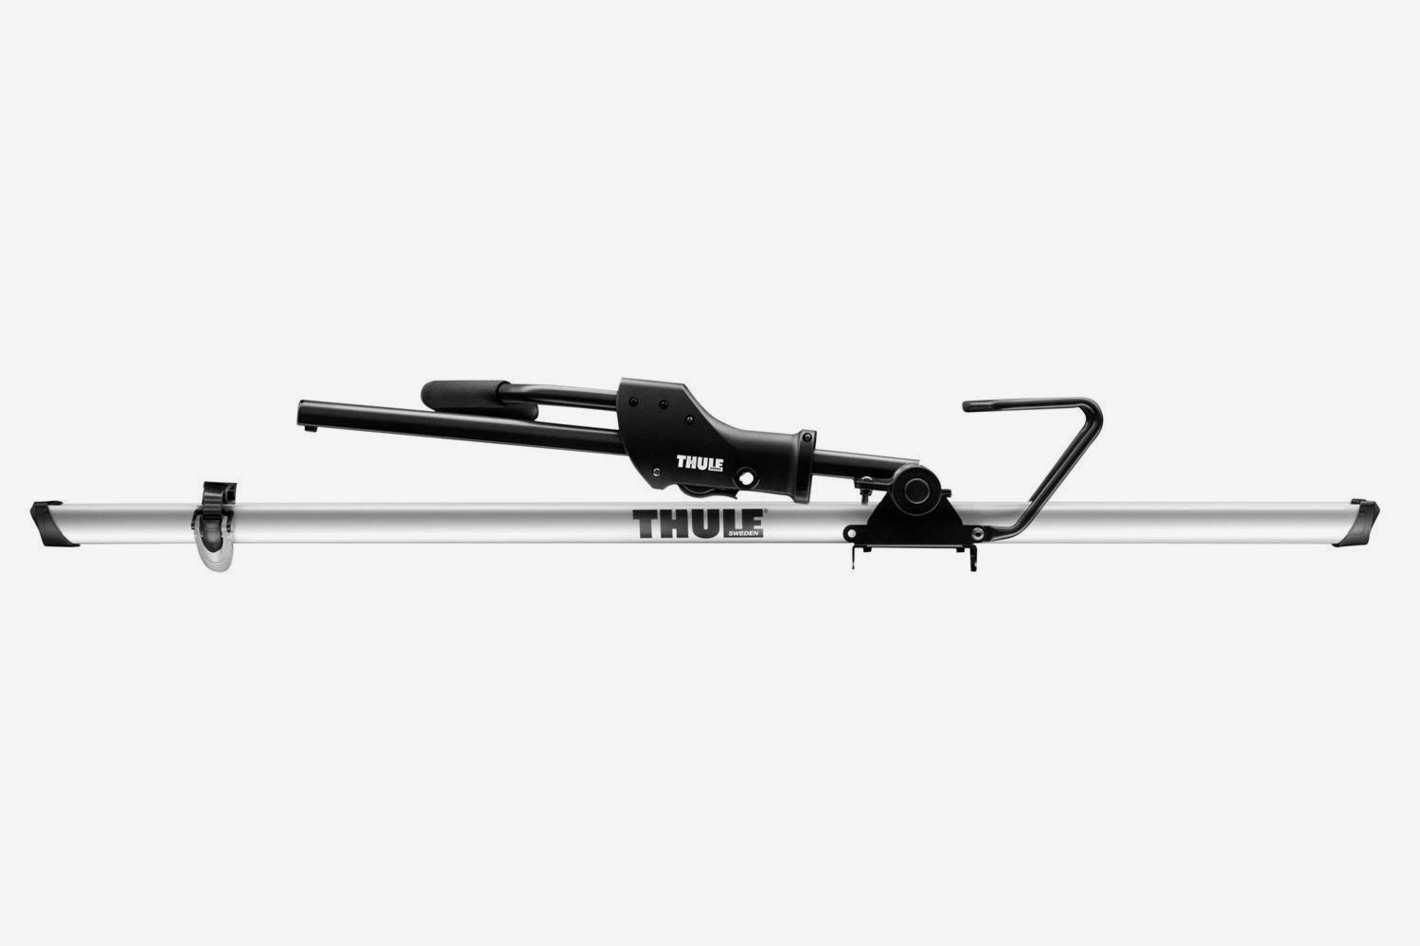 Thule Sidearm Roof Rack